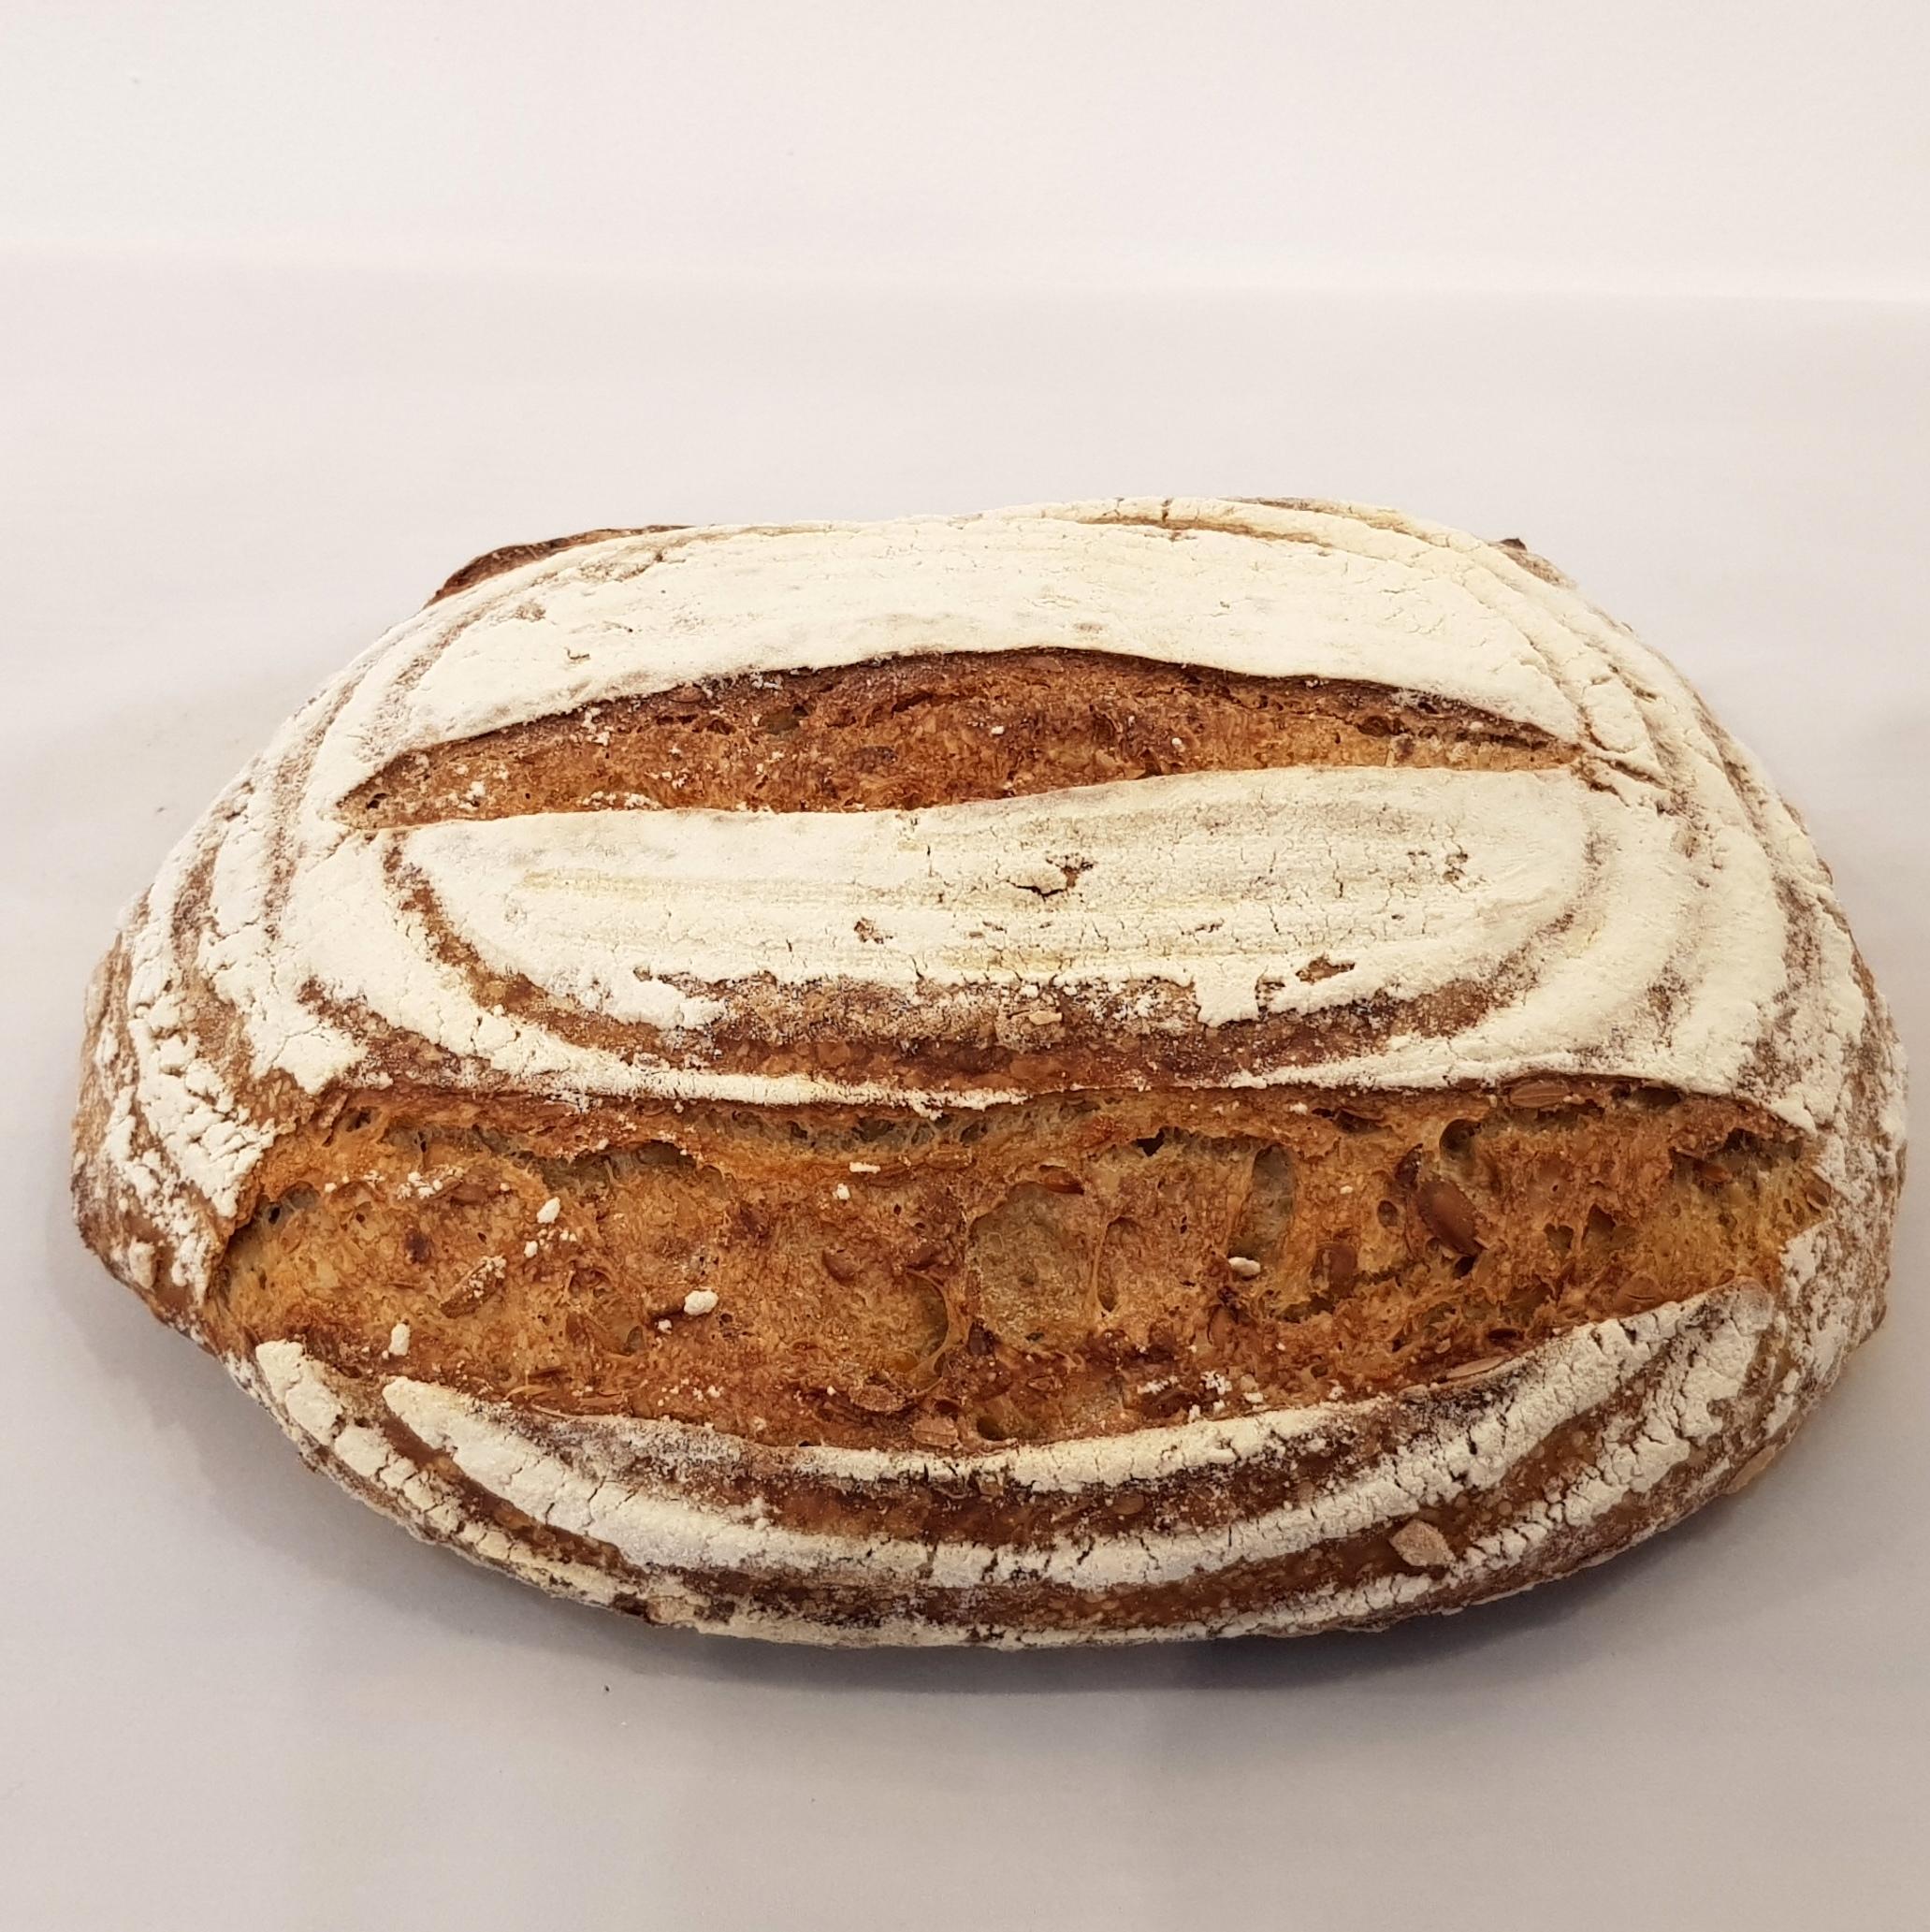 Multigrain Sourdough Andy's Bread